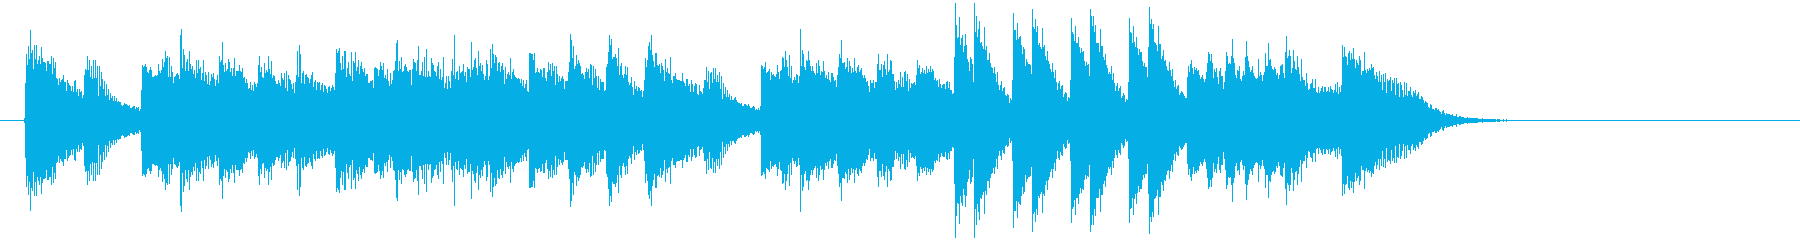 お正月・春の海モチーフのピアノジングルGの再生済みの波形